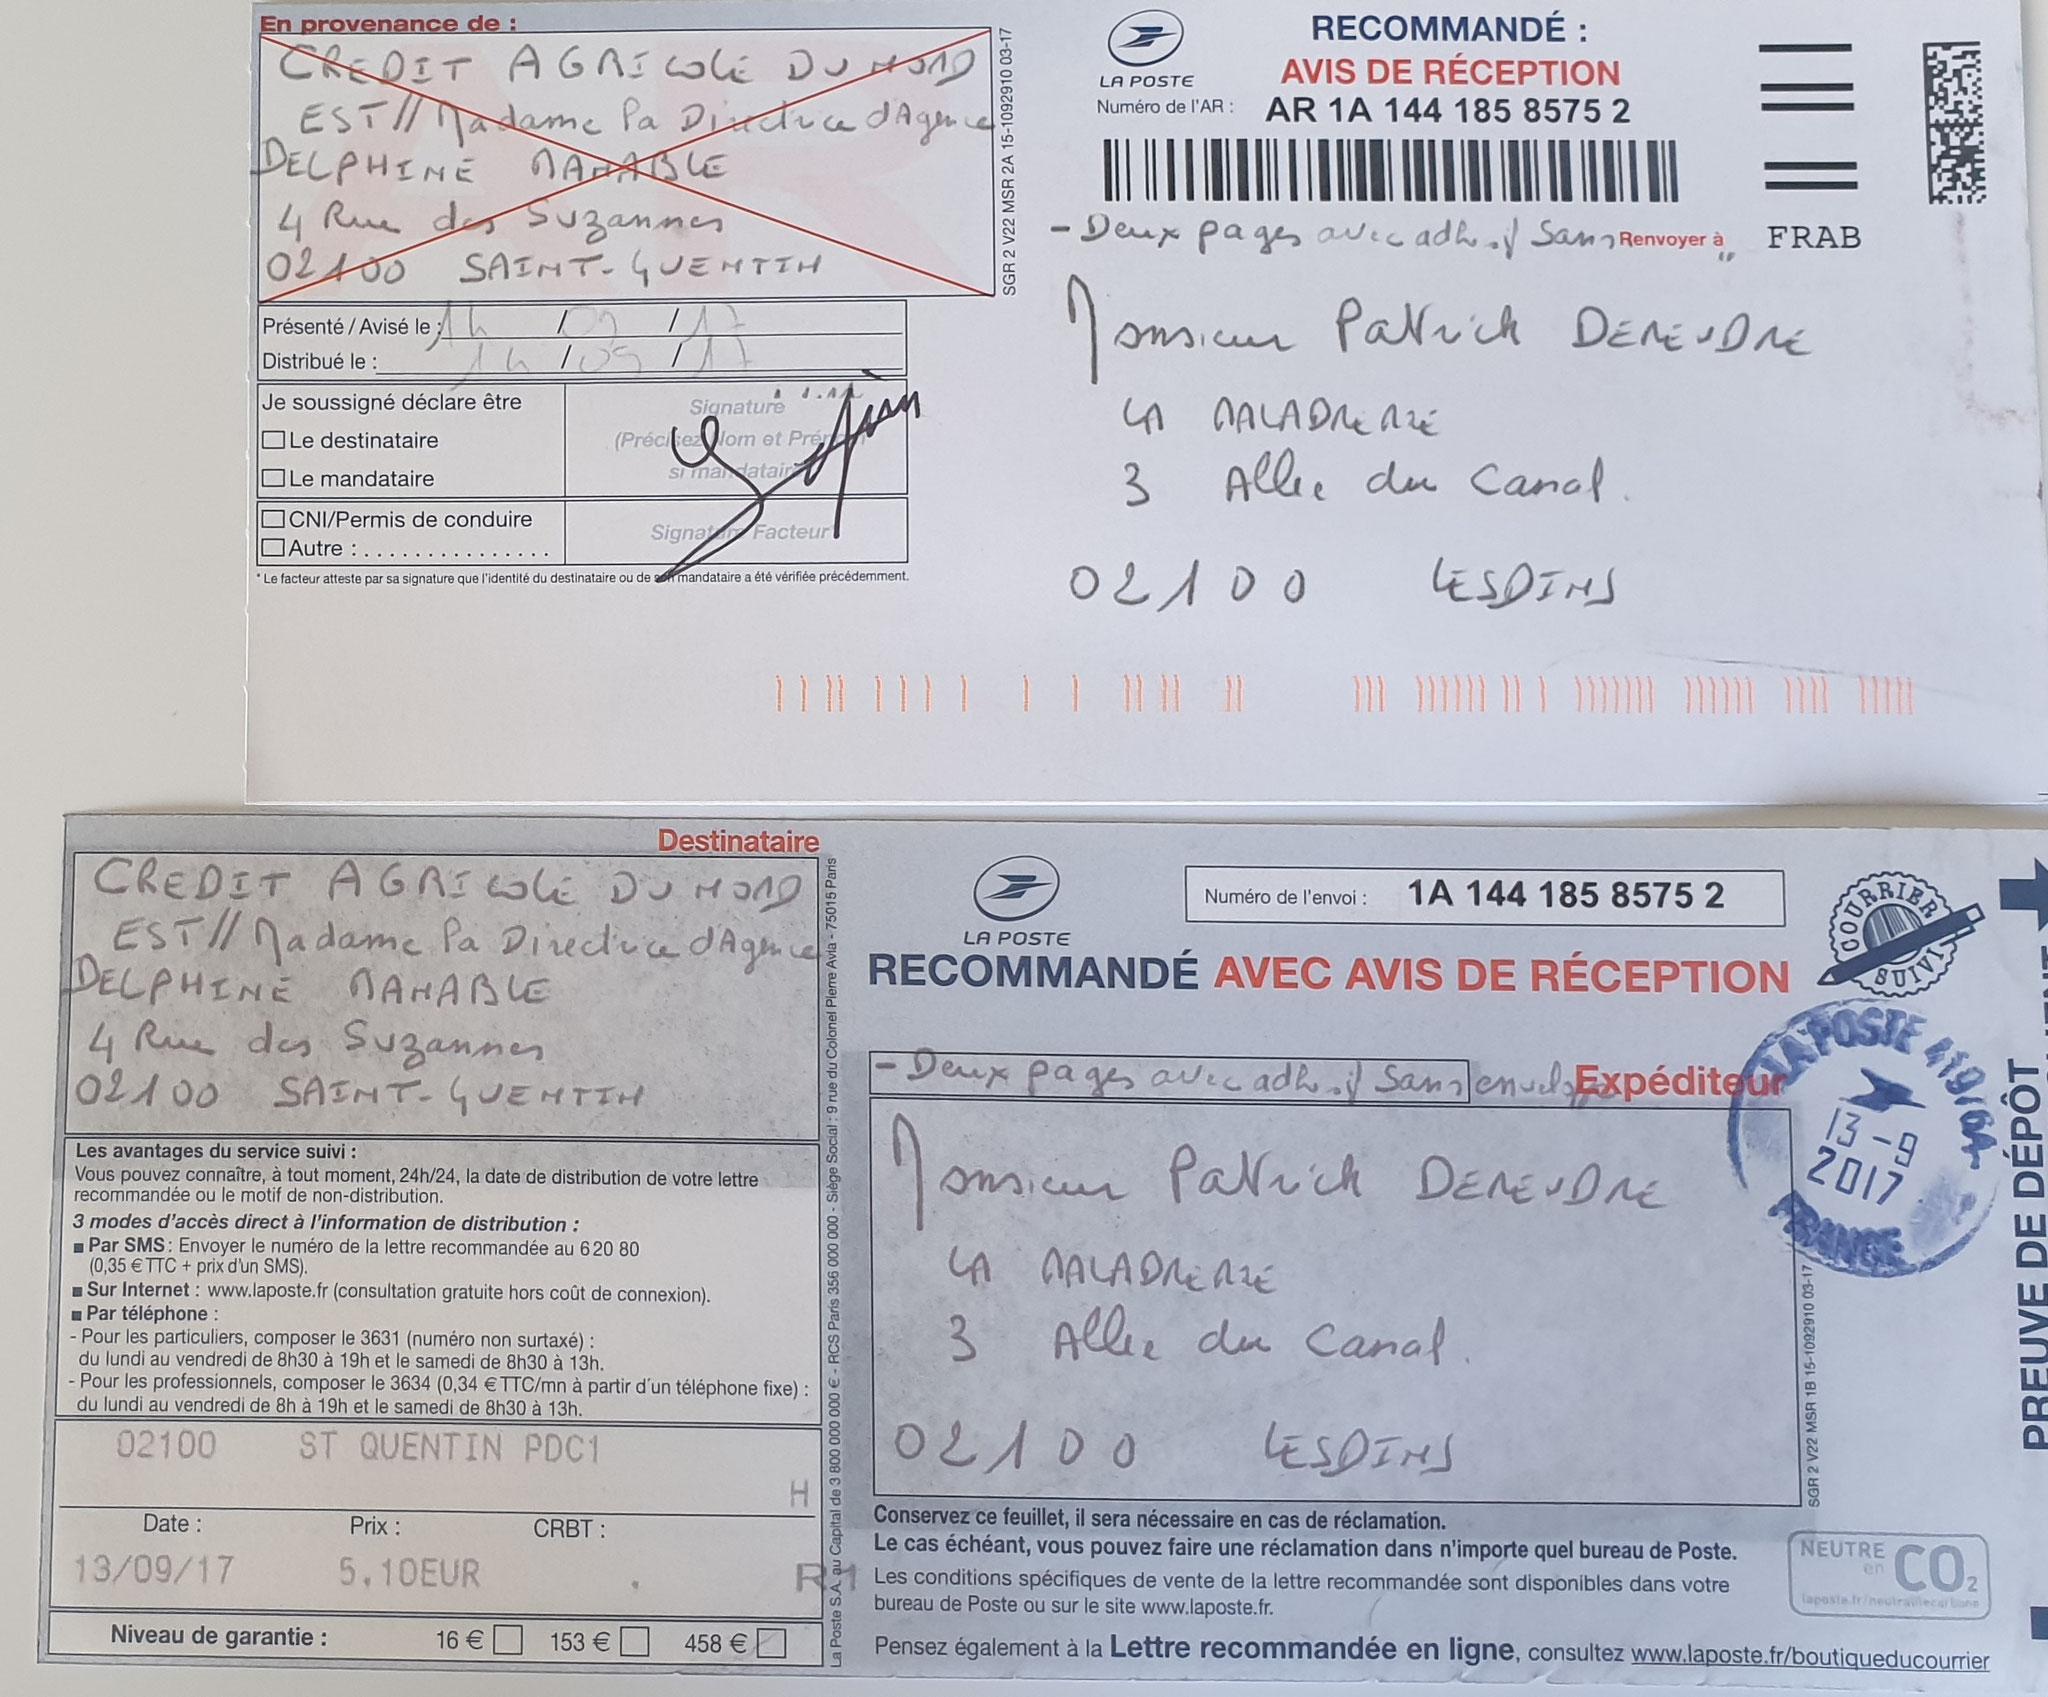 Ma quatrième lettre recommandée du 13 septembre 2017 N0 1A 144 185 8575 2 soit deux pages. www.jesuispatrick.fr